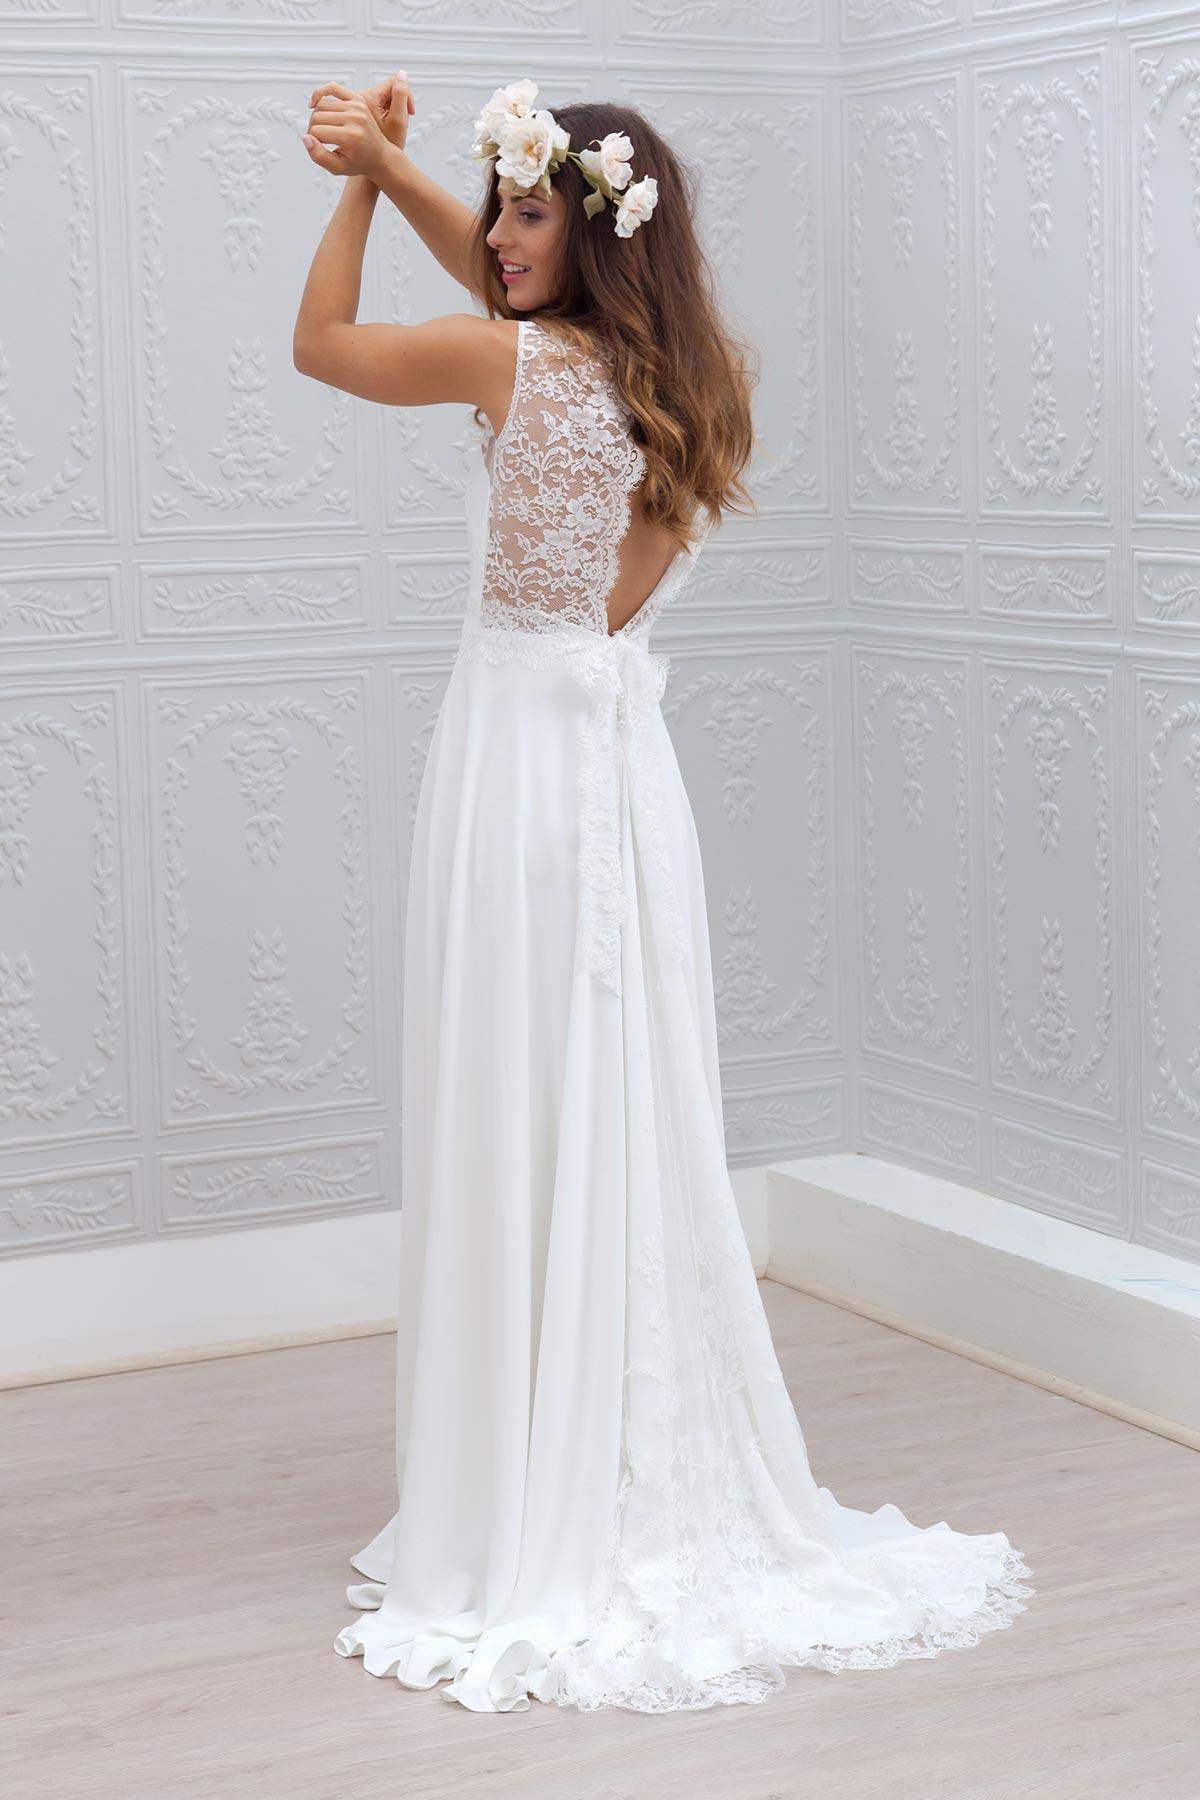 Discount 2016 Chiffon Beach Wedding Dresses Cheaper y Ella Lace